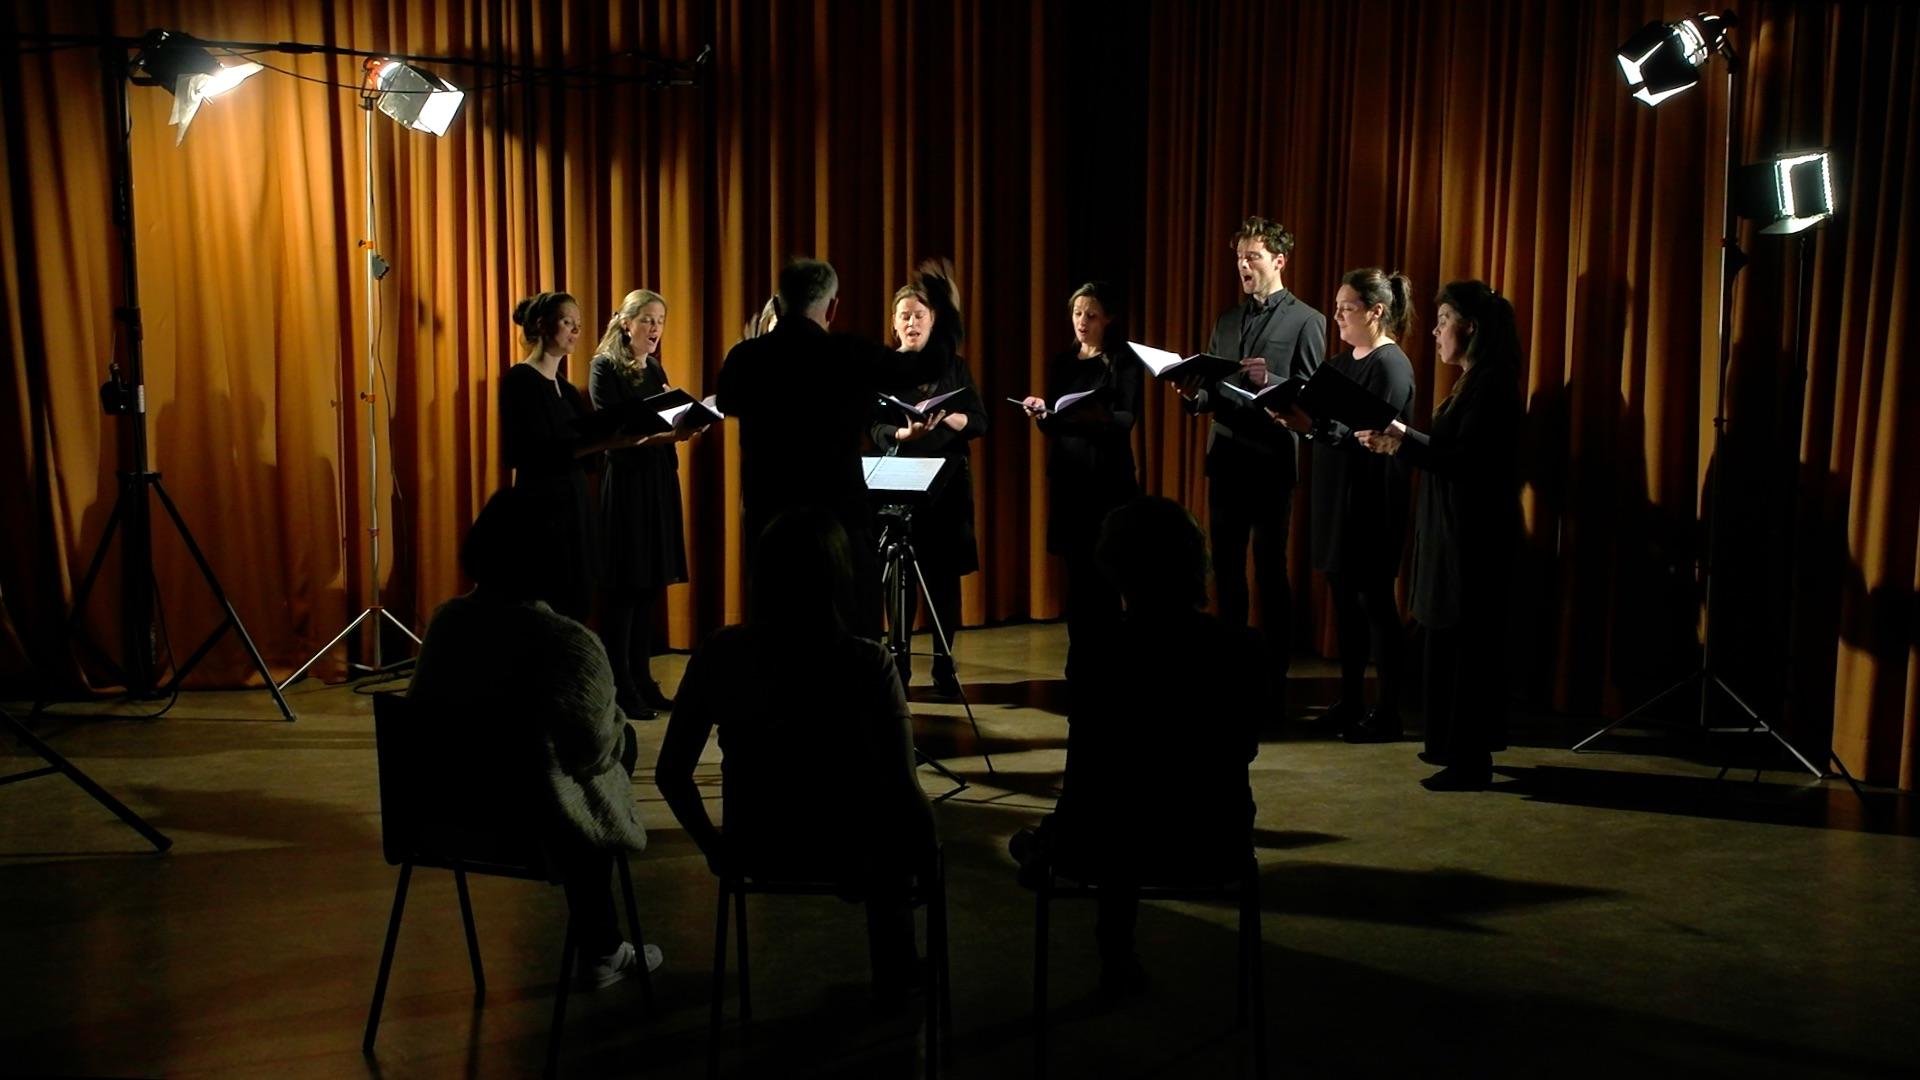 Psallentes zingt Boetepsalmen van Orlandus Lassus in het detentiecentrum Brugge. © Musica